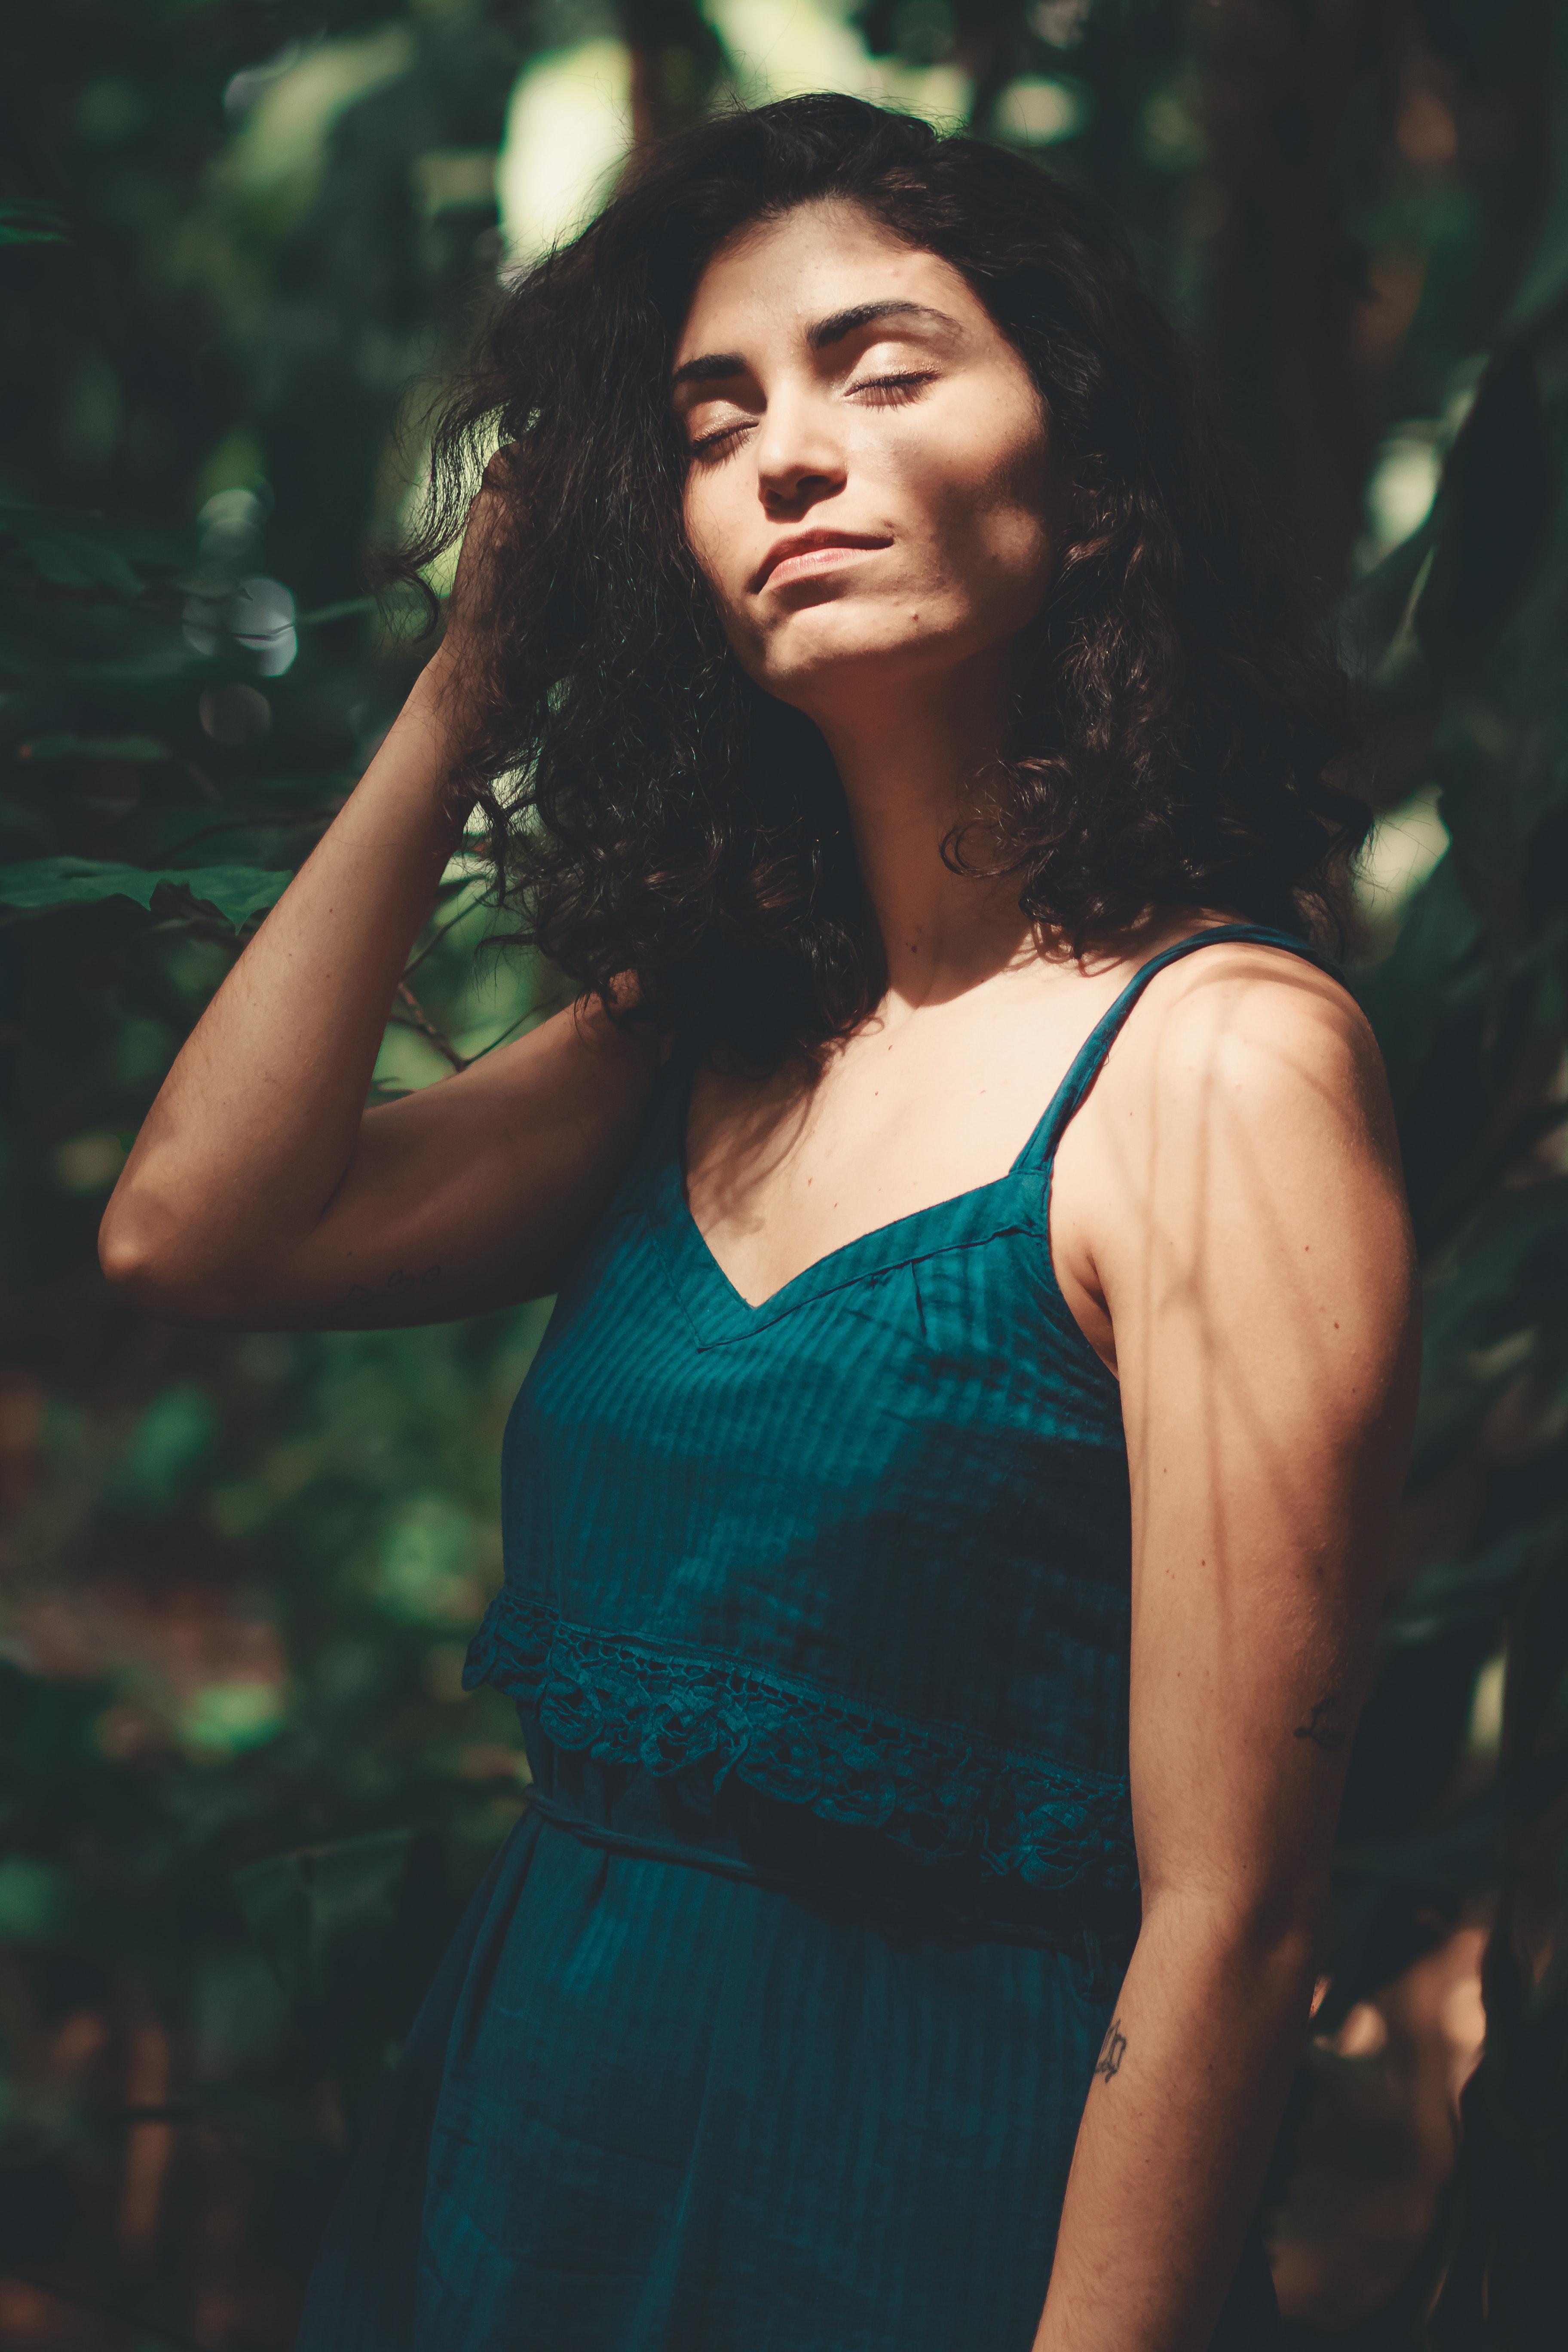 Kostenloses Foto Zum Thema Brunette Fotoshooting Frisur